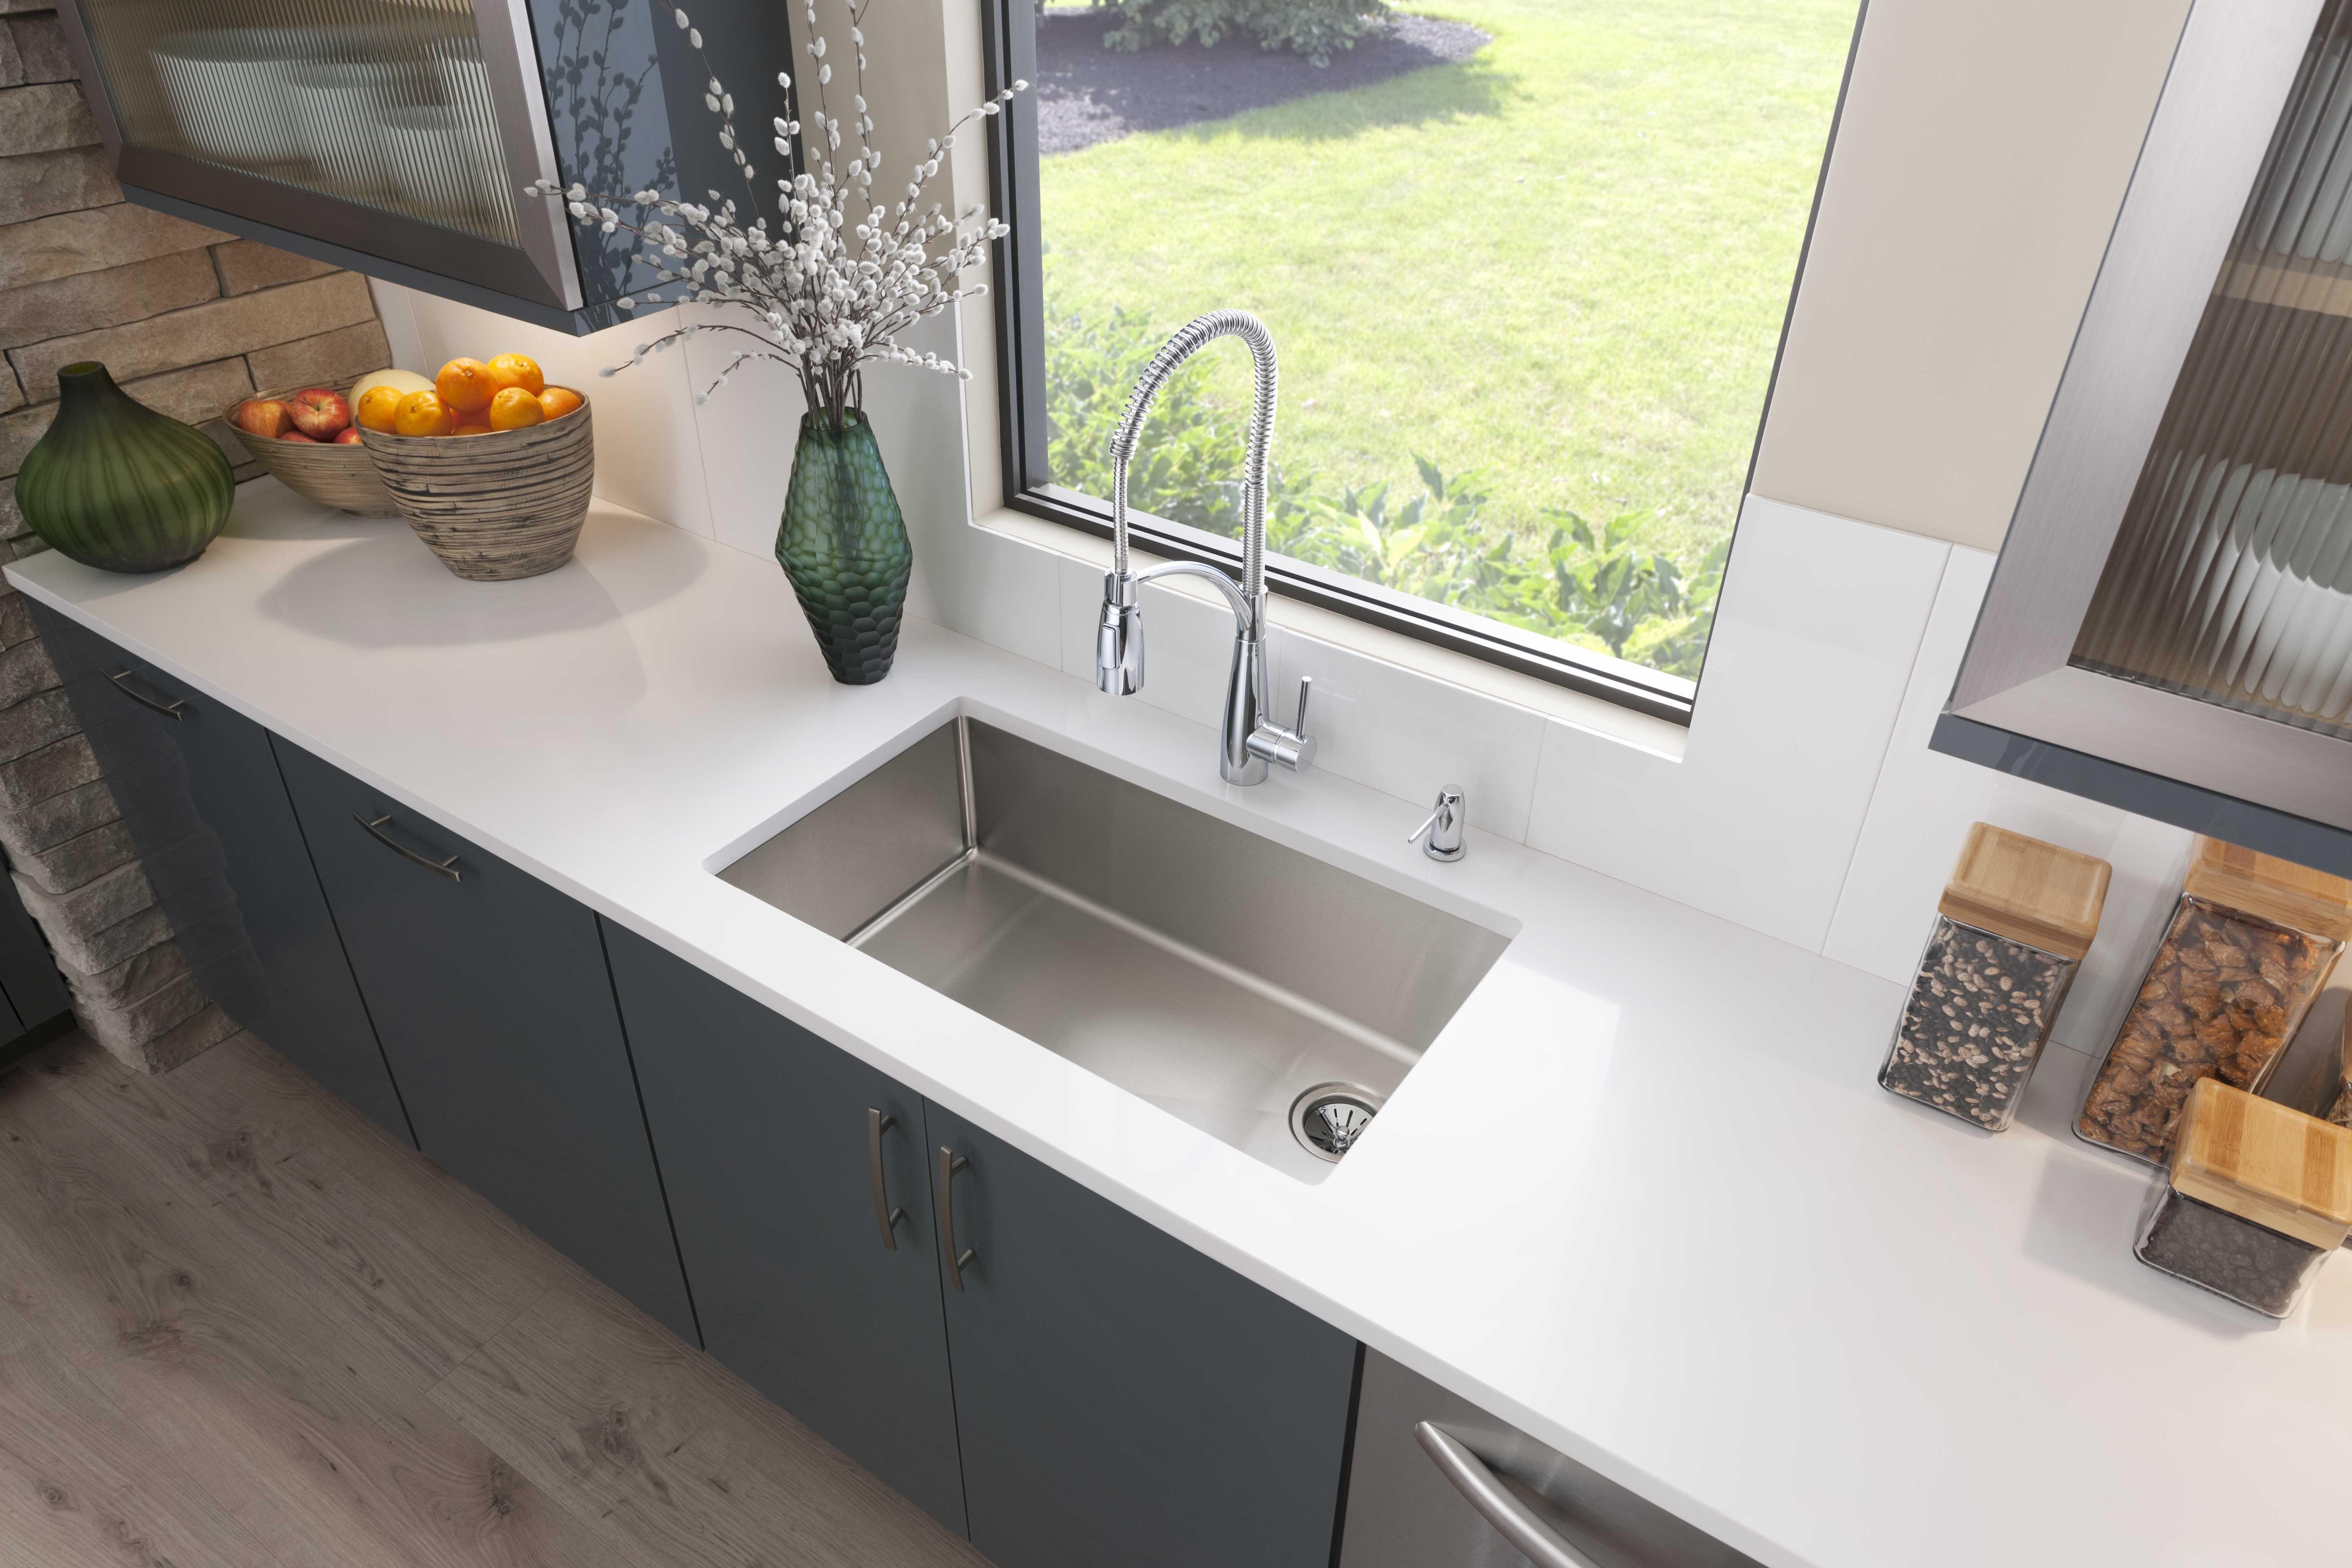 Elkay Crosstown Stainless Steel Sink Single Bowl Kitchen Sink Undermount Stainless Steel Sink Stainless Steel Kitchen Sink